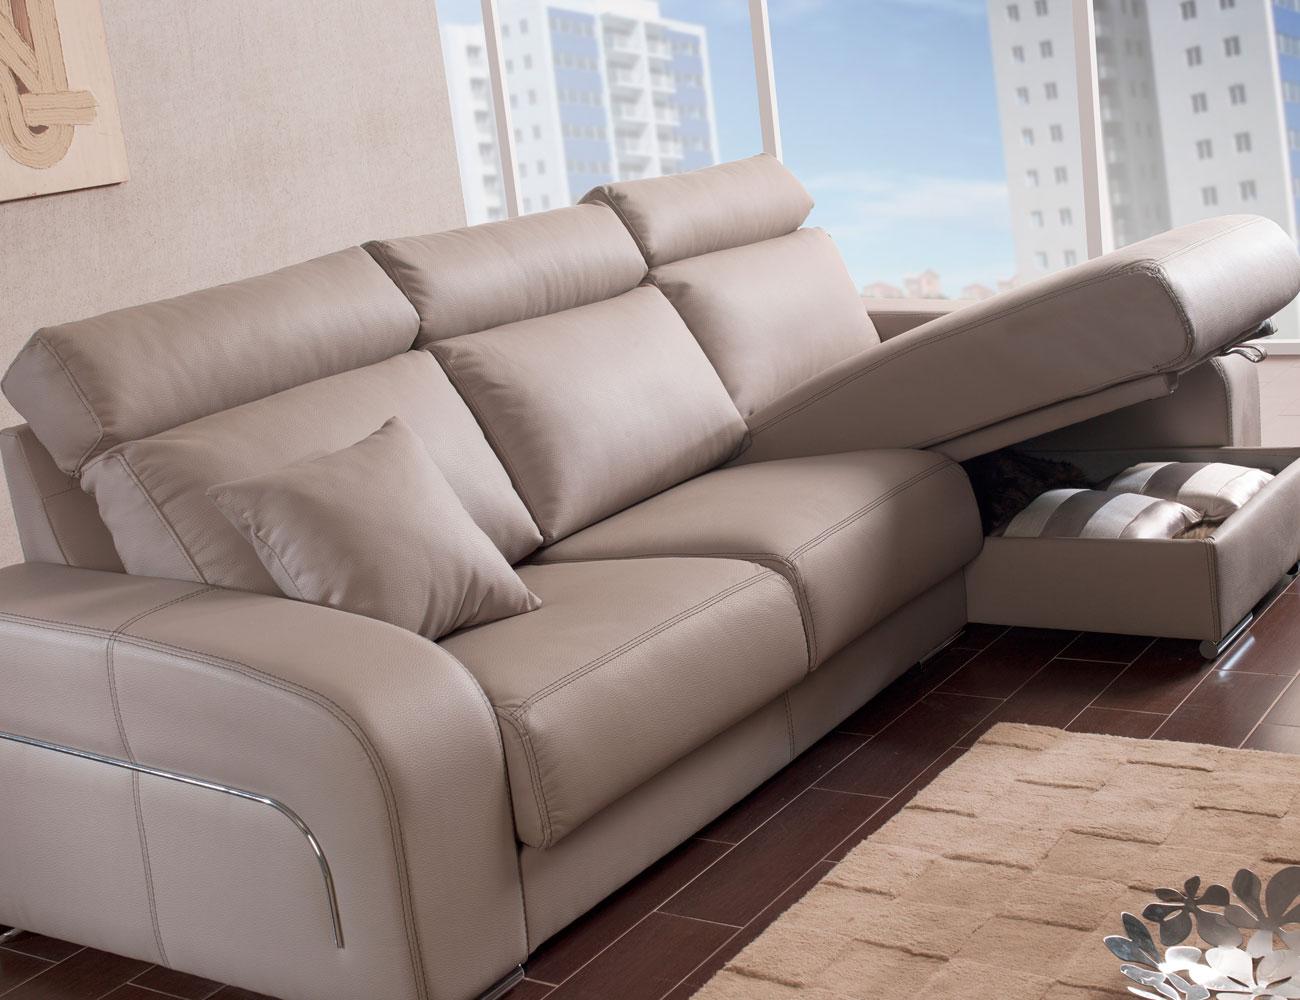 Sofa chaiselongue moderno pared cero arcon51